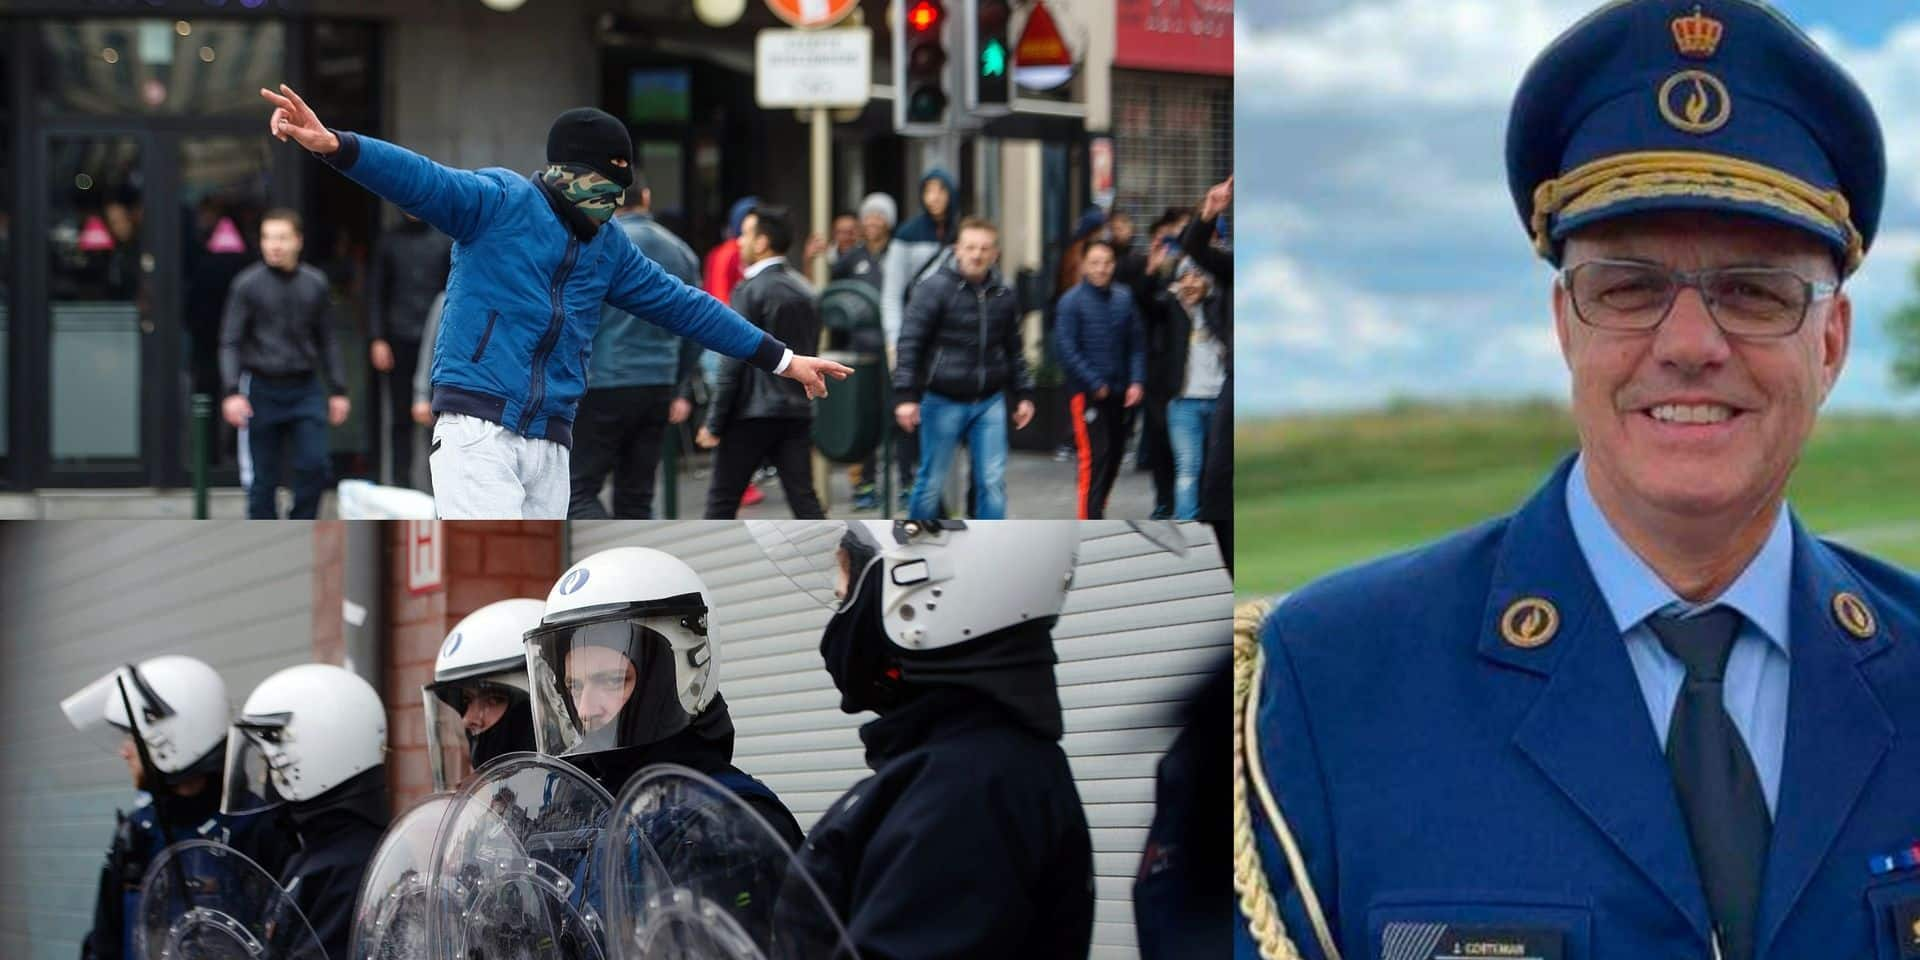 """""""Policiers pas les bienvenus"""", """"les délinquants font la loi"""", """"critiques et insultes sur les réseaux sociaux"""": un chef de police décrit """"la vraie situation dans les quartiers bruxellois"""""""